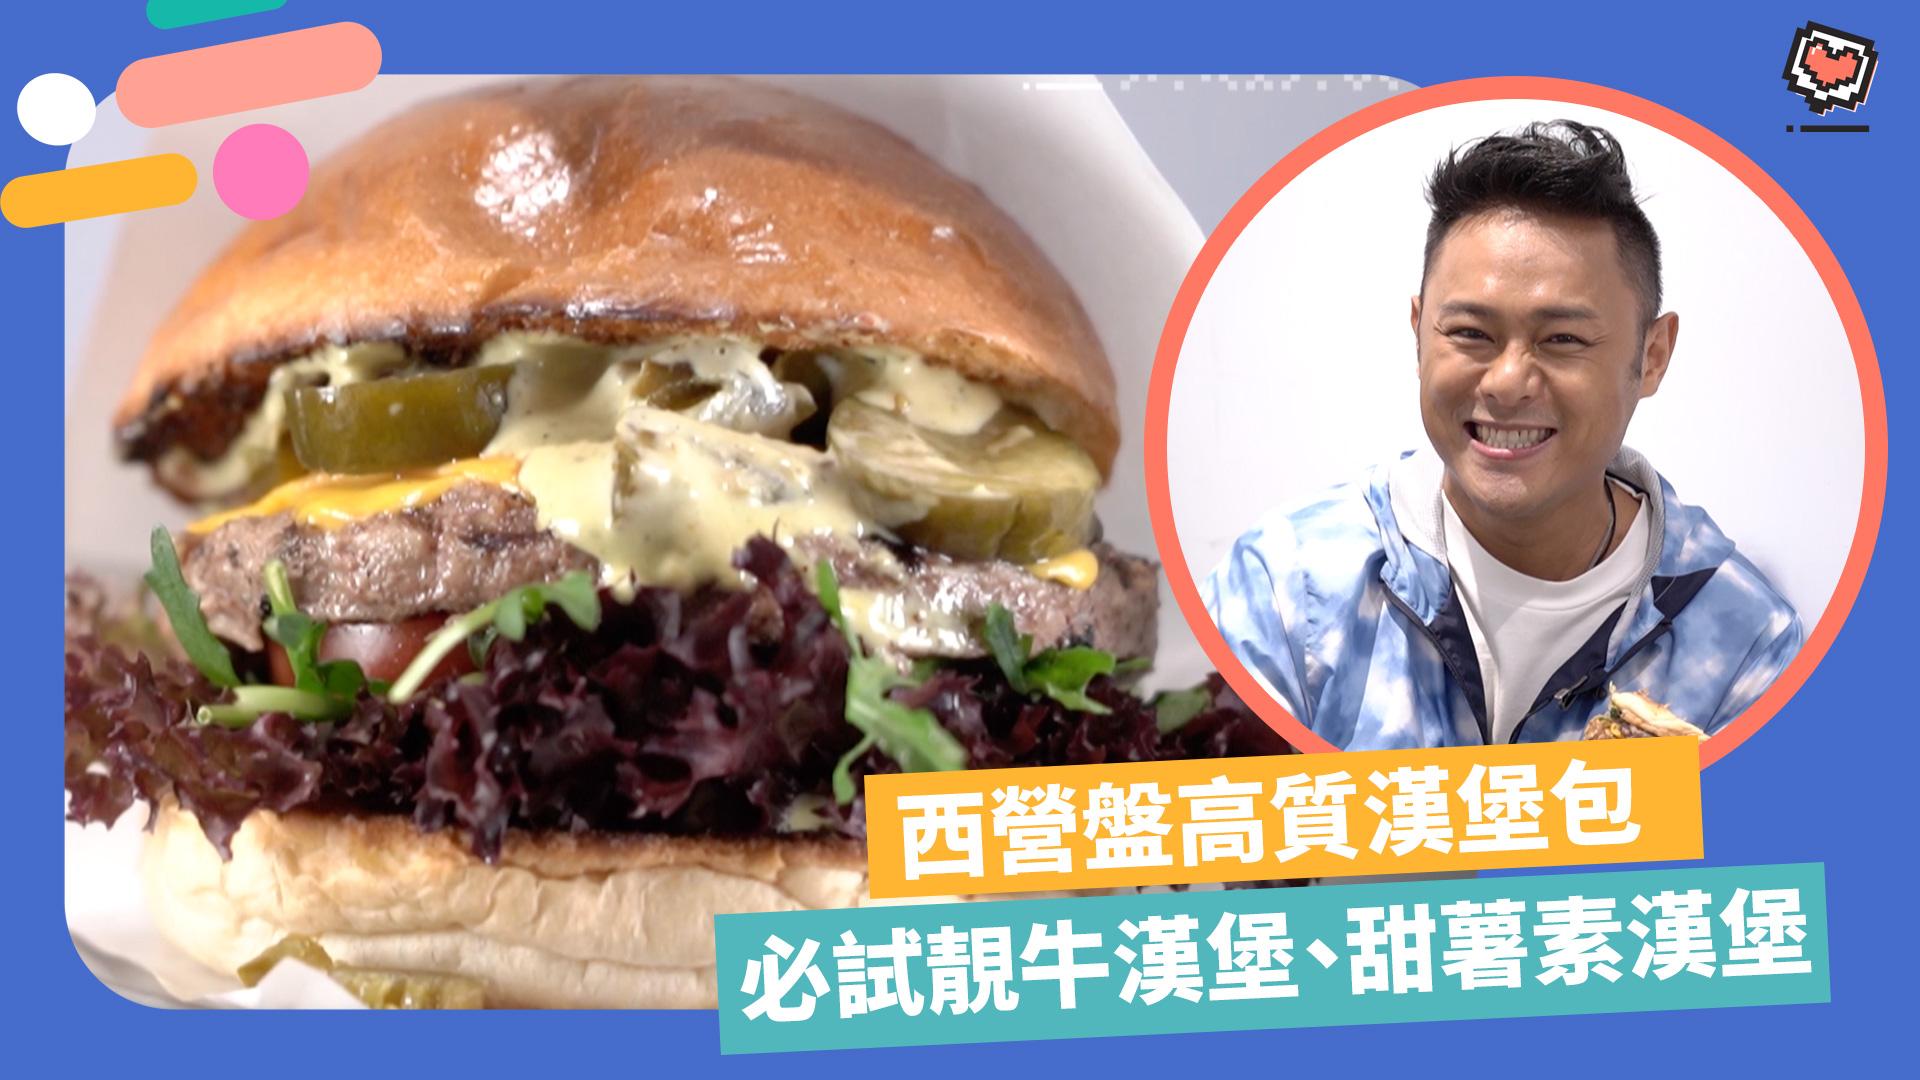 西環美食|西營盤漢堡包高質小店!米芝蓮餐廳前主廚自家製美國靚牛漢堡、甜薯素漢堡